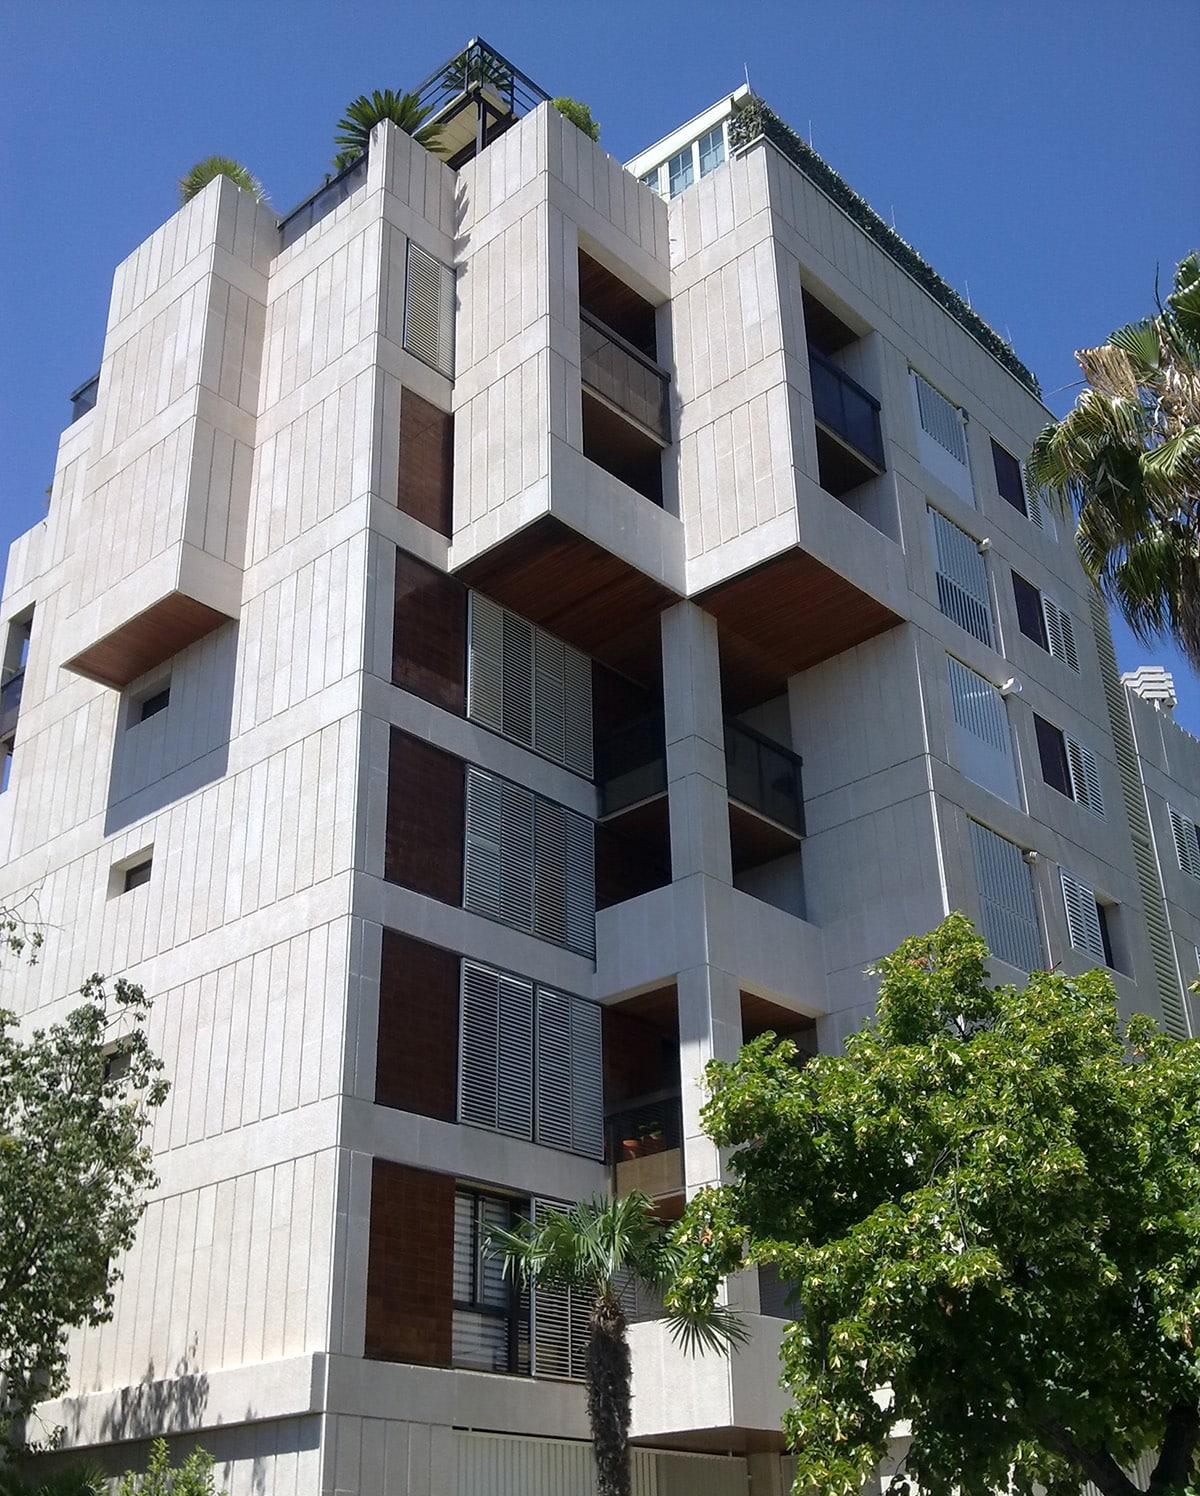 Fachadas de piedra artificial fachada enmarcada por - Piedra artificial para fachadas ...